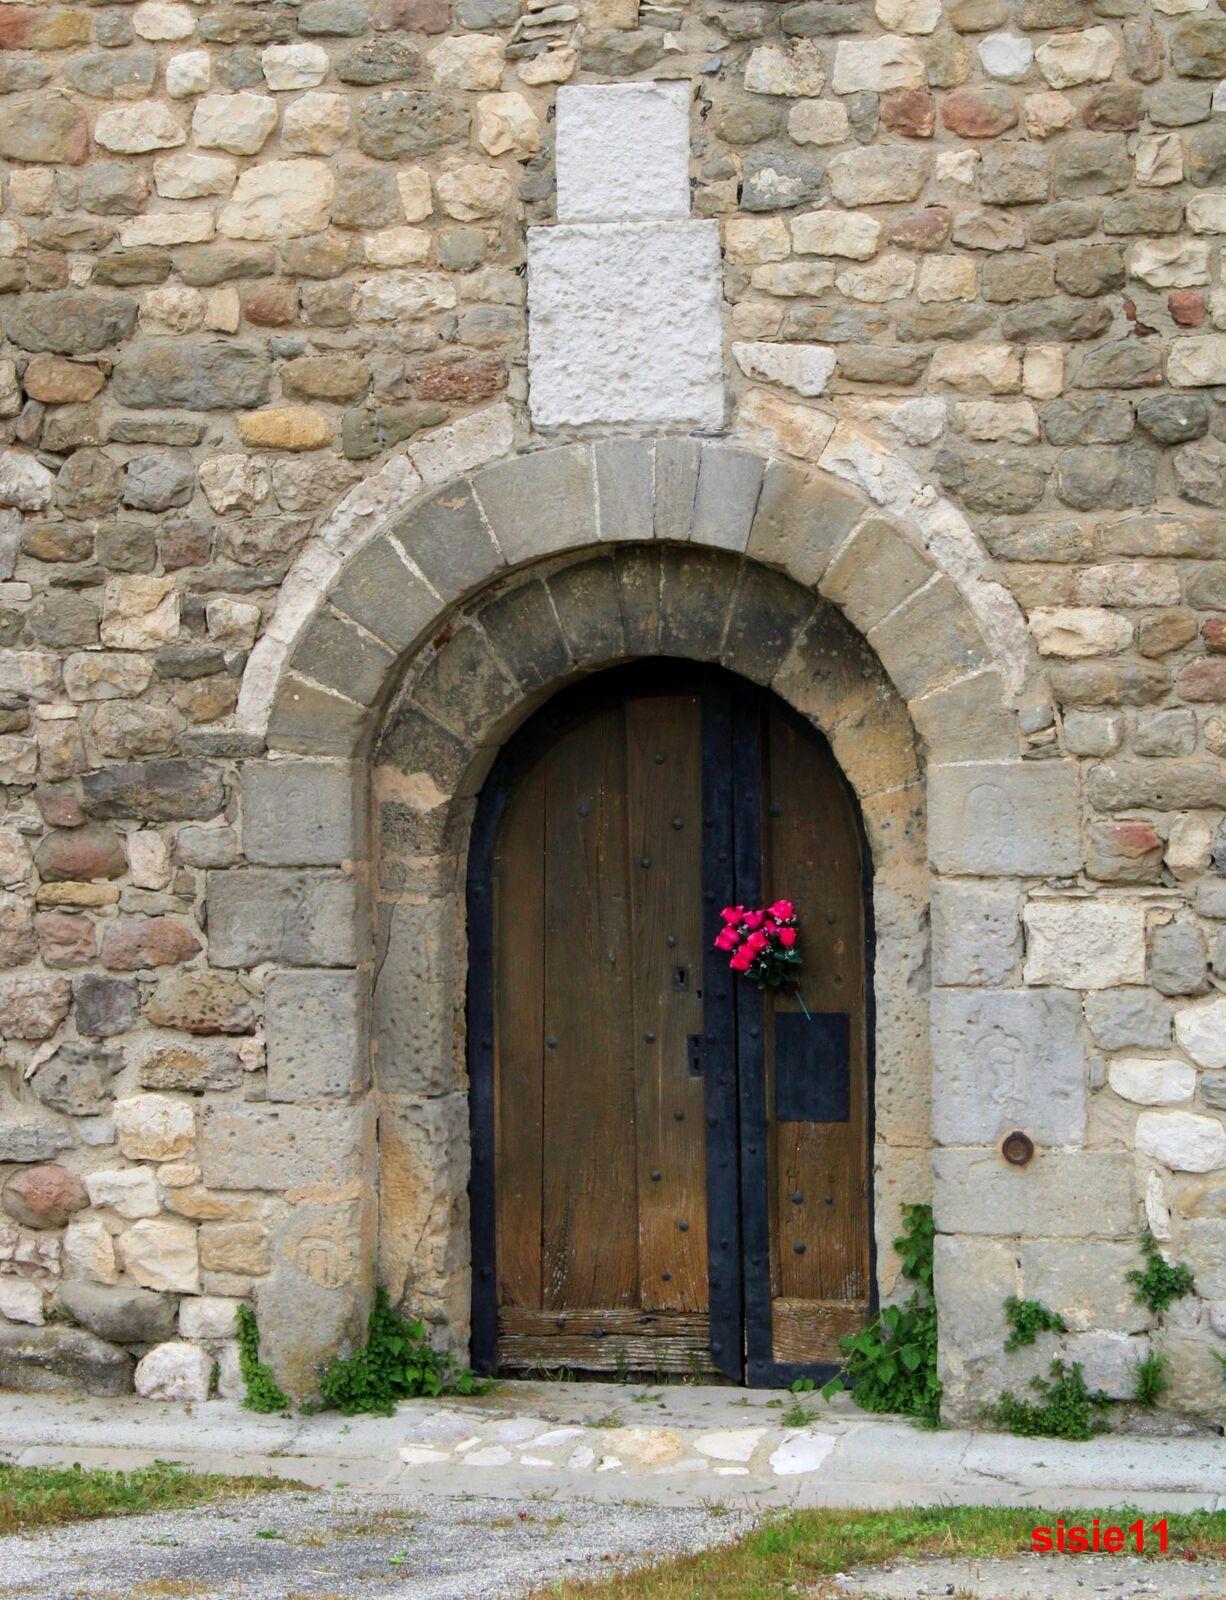 La chapelle de la Madeleine est une chapelle romane située à Pezens, dans le département de l'Aude, hélas fermé et ouverte qu'a de très rares occasions